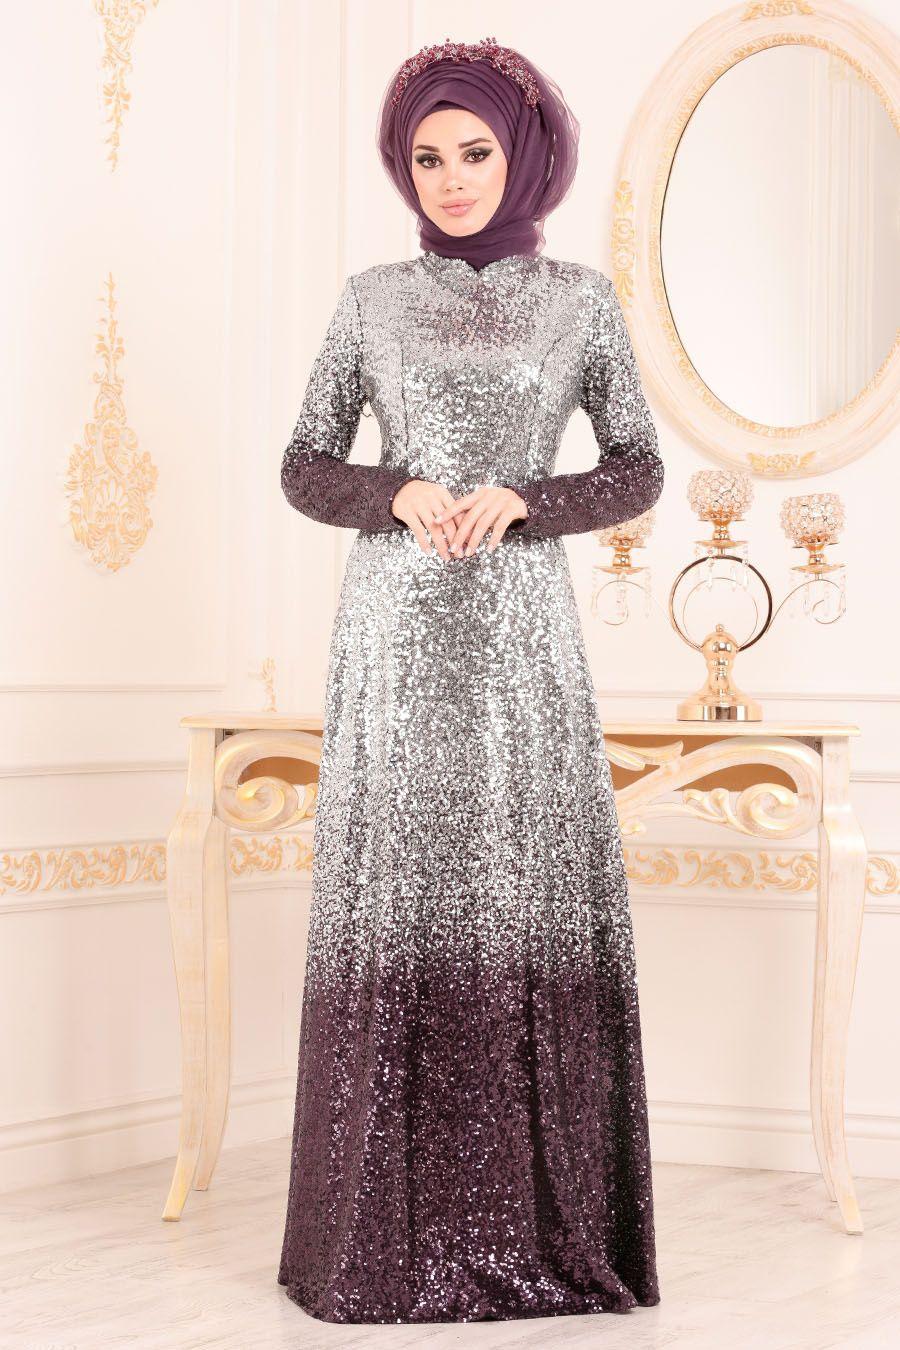 Tesetturlu Abiye Elbise Pul Payetli Murdum Tesettur Abiye Elbise 8576mu Elbise Elbiseler Abaya Tarzi